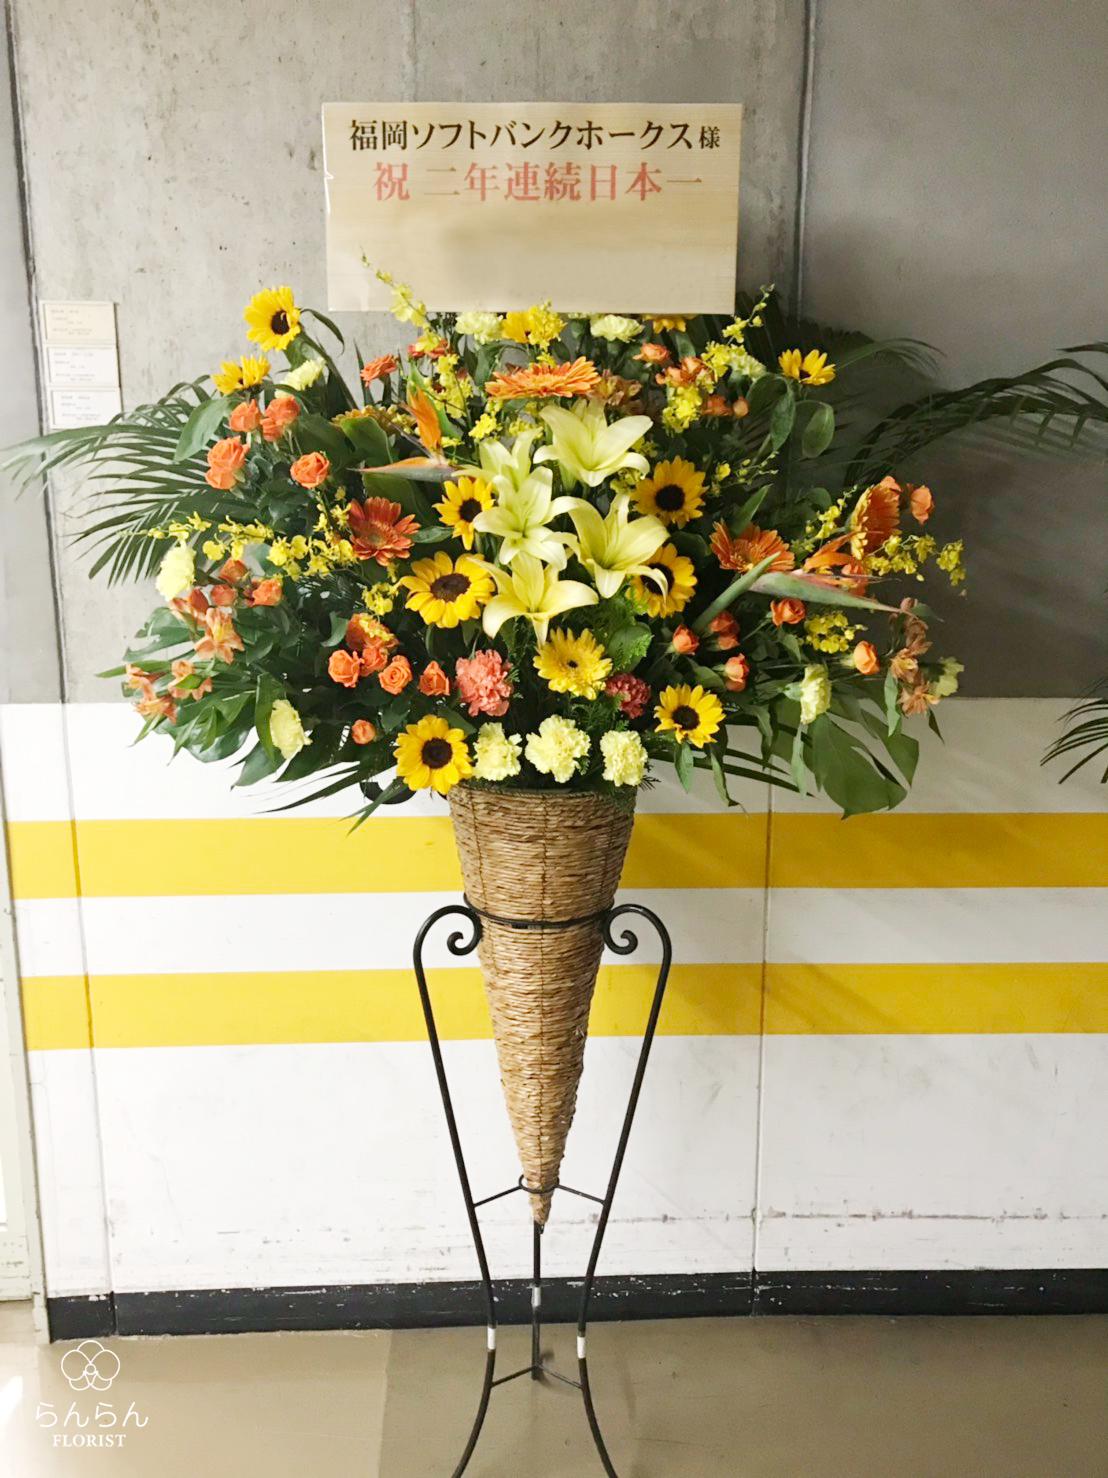 福岡ソフトバンクホークス お祝いスタンド花